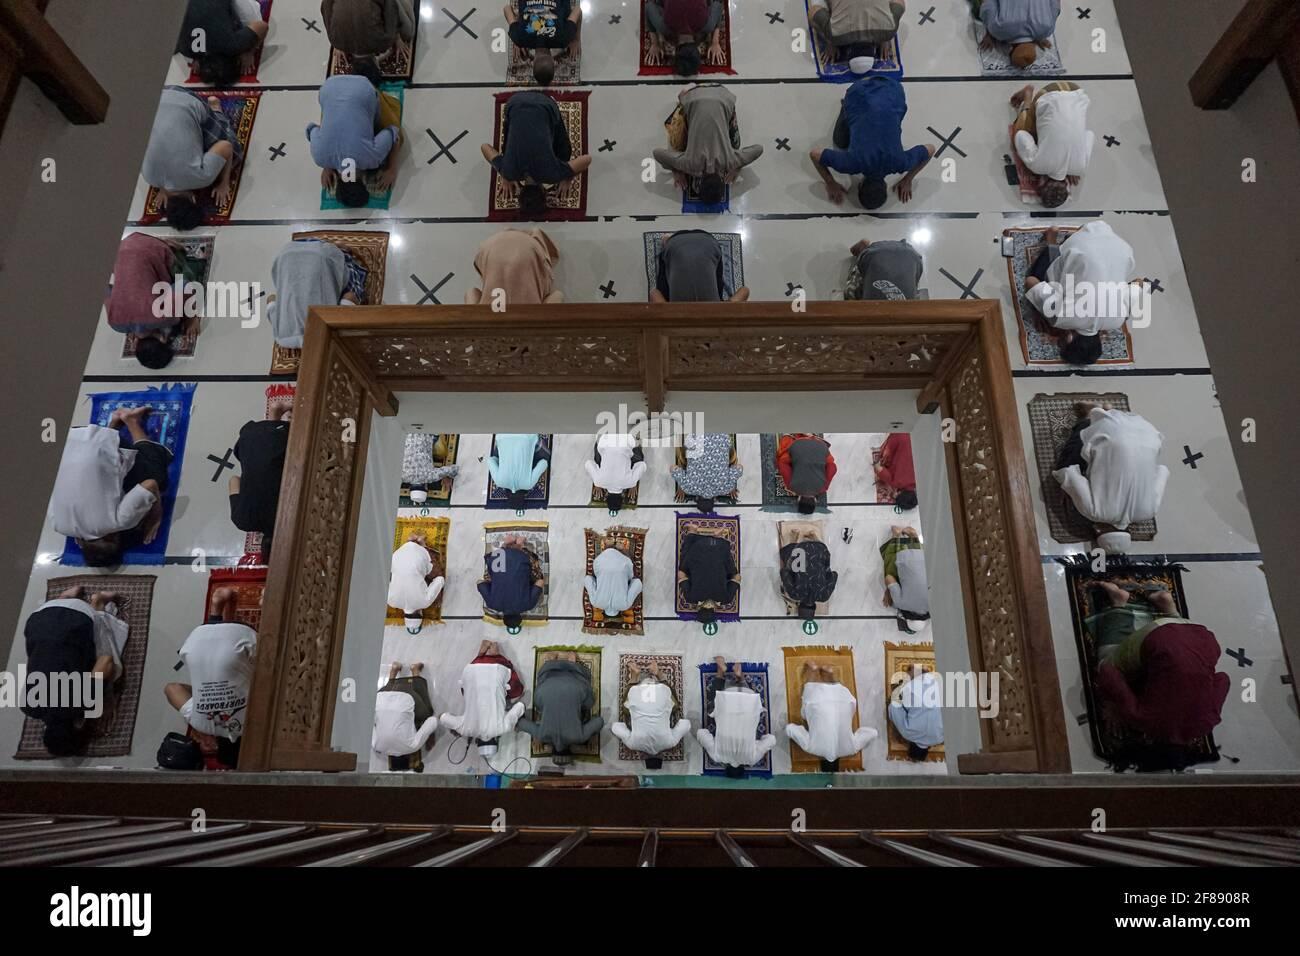 Badung, Bali, Indonesien. April 2021. Die Menschen setzen distanzierte Linien aufgrund des Covid-19 Gesundheitsprotokolls während der Gebete. Indonesische Muslime von Bali beginnen die ersten Tarawih-Massengebete in der Al-Hasanah-Moschee, Canggu, da die Regierung feststellte, dass das erste Datum des islamischen Monats Ramadan auf den 12. April 2021 fällt. Morgen, dem 13. April 2021, werden Muslime im folgenden Monat mit dem Fasten beginnen. (Bild: © Dicky BisinglasiZUMA Wire) Stockfoto